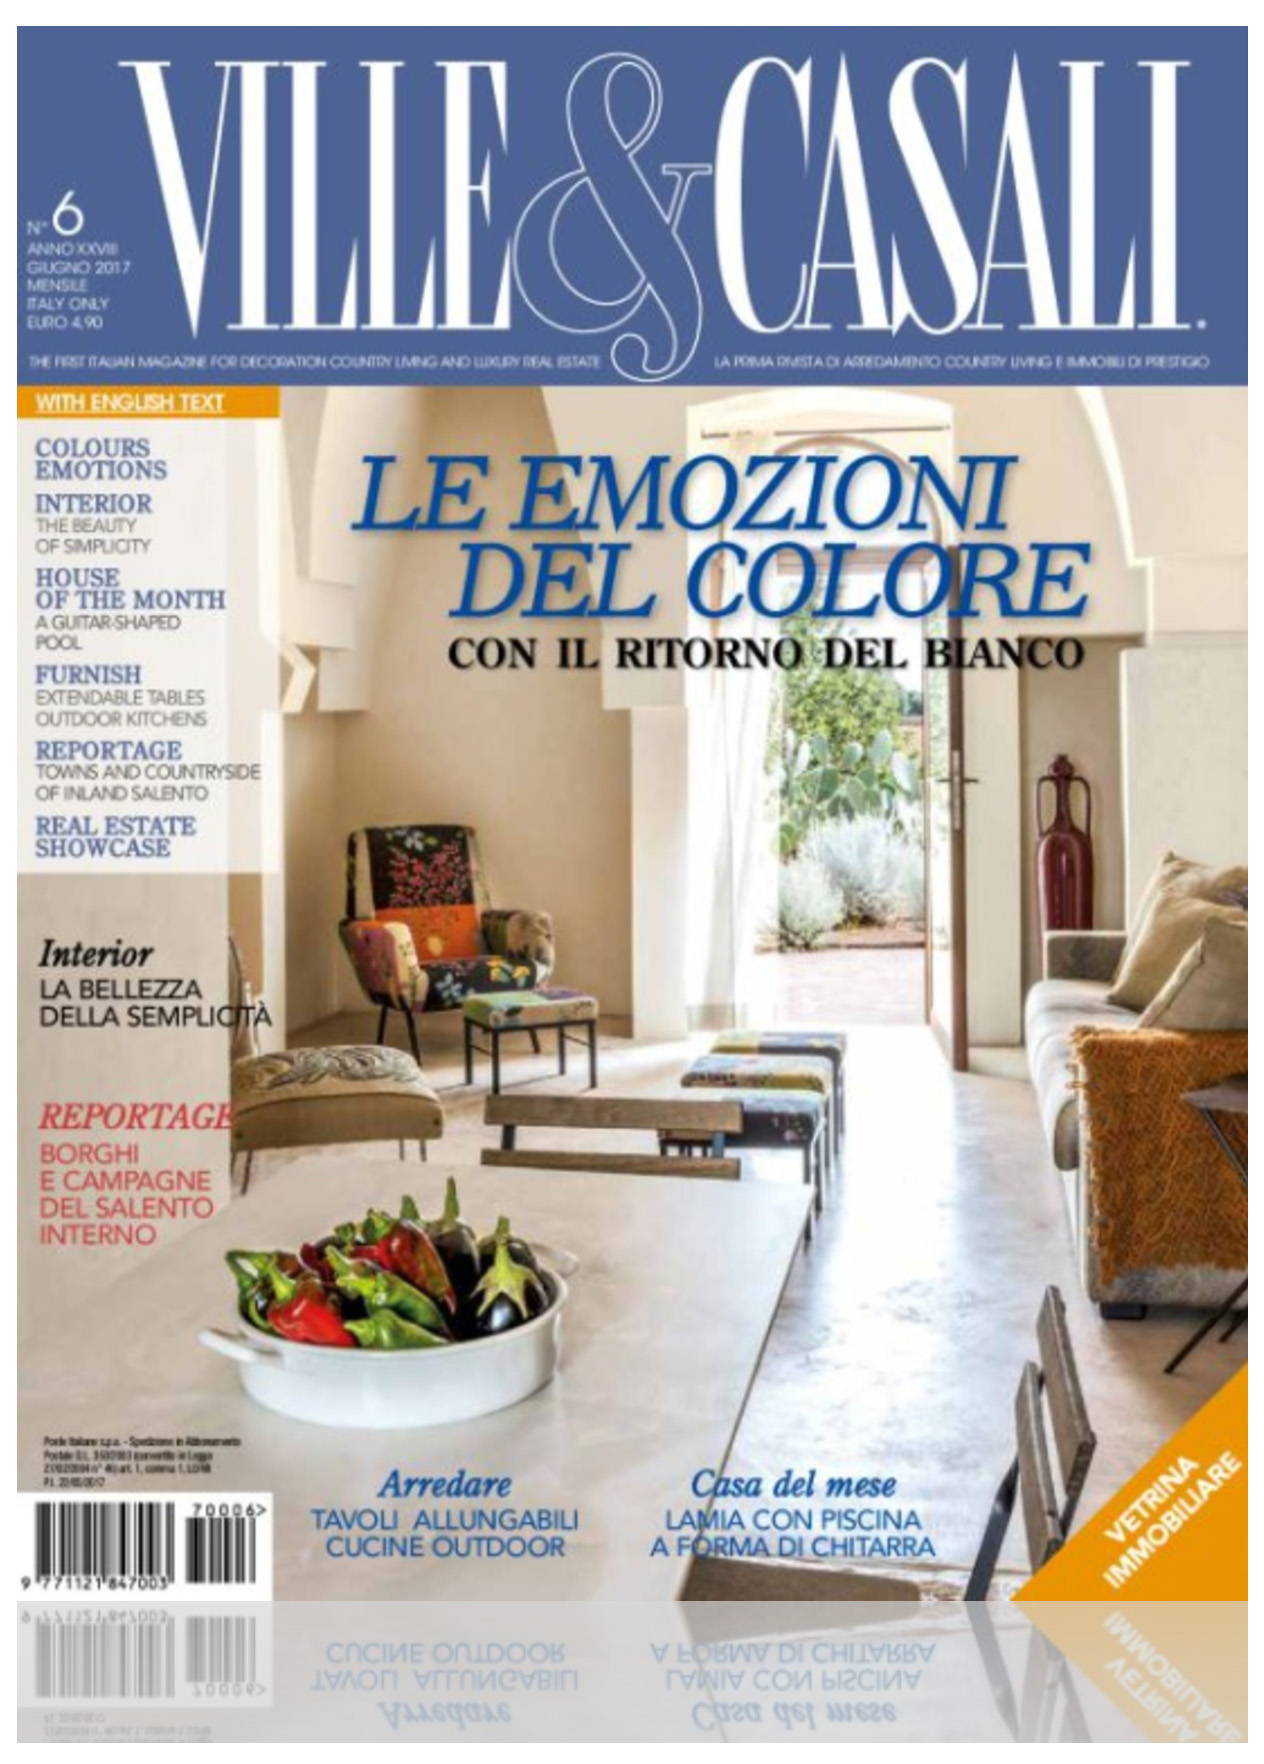 Ville&Casali | Giugno 2017